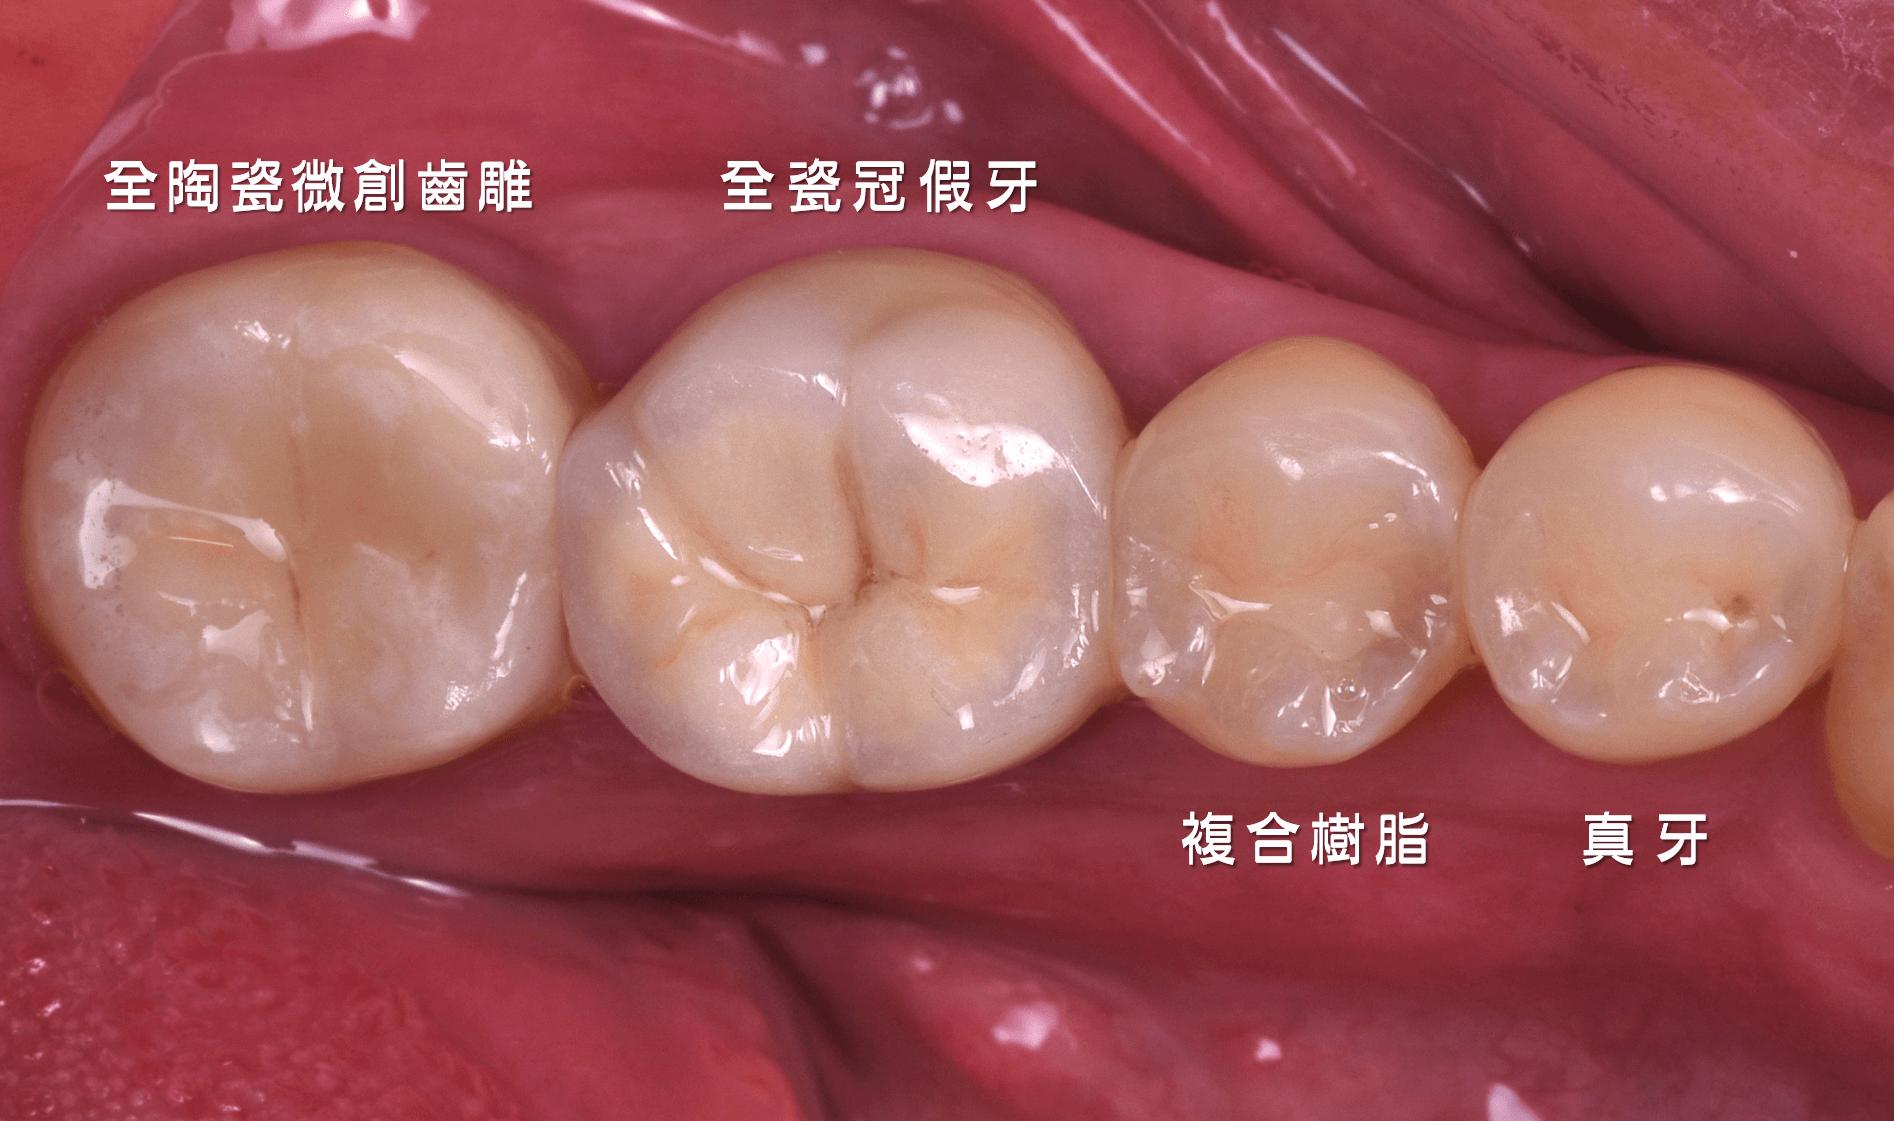 微創齒雕、全瓷冠假牙、複合樹脂、真牙